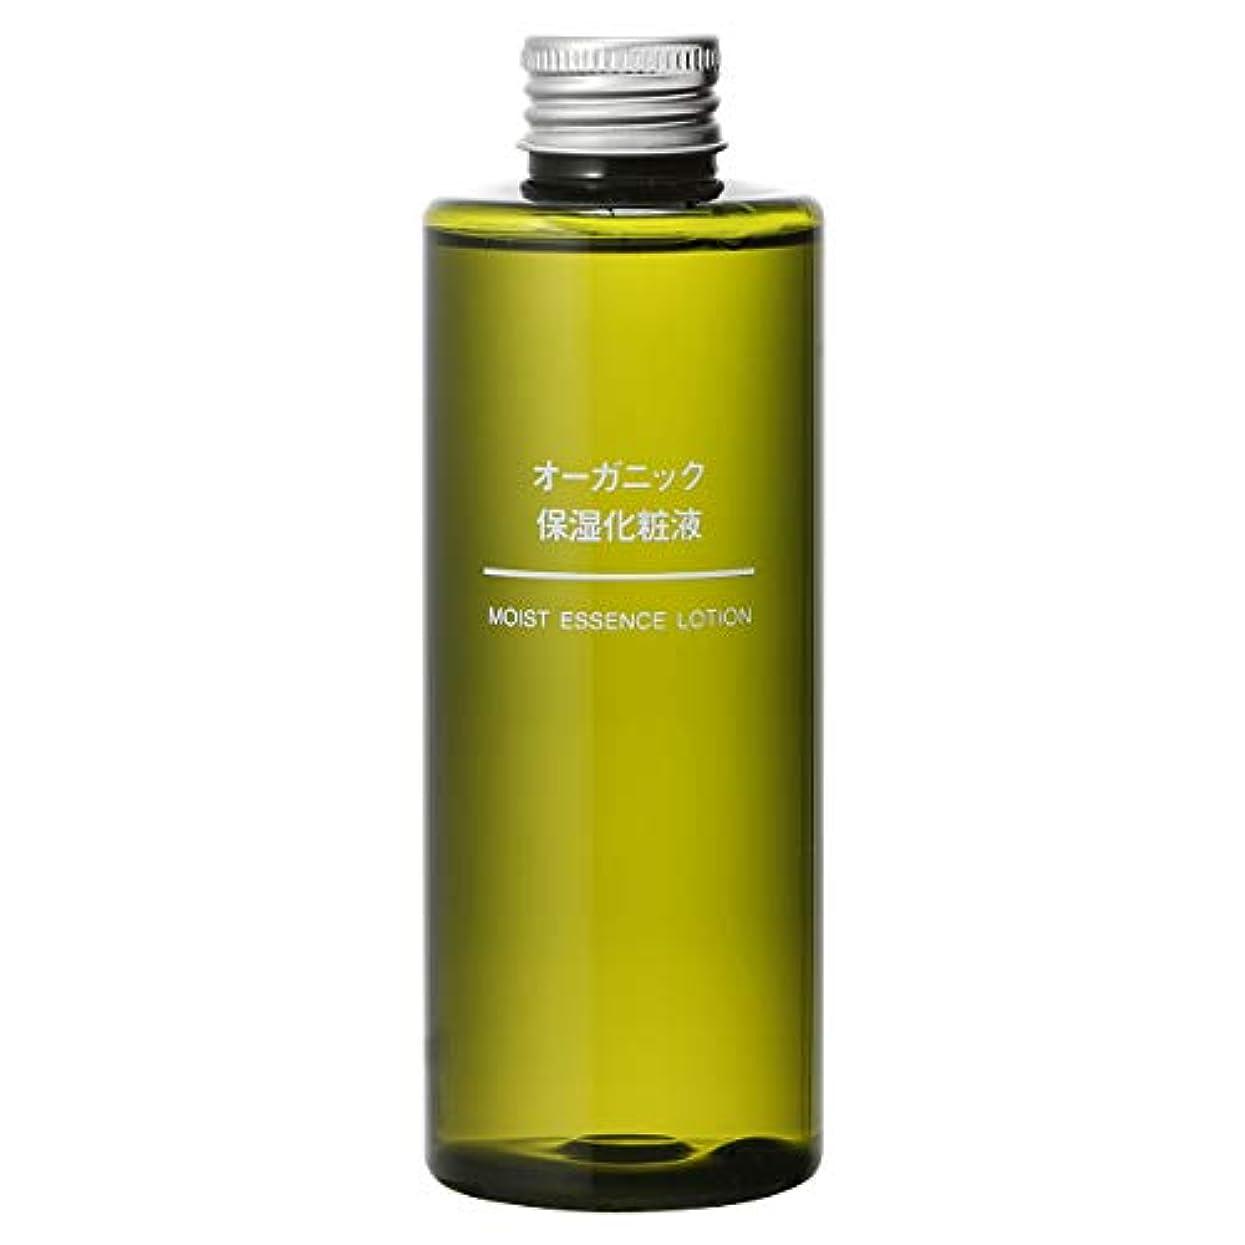 祈り人工的なメタルライン無印良品 オーガニック保湿化粧液 200ml